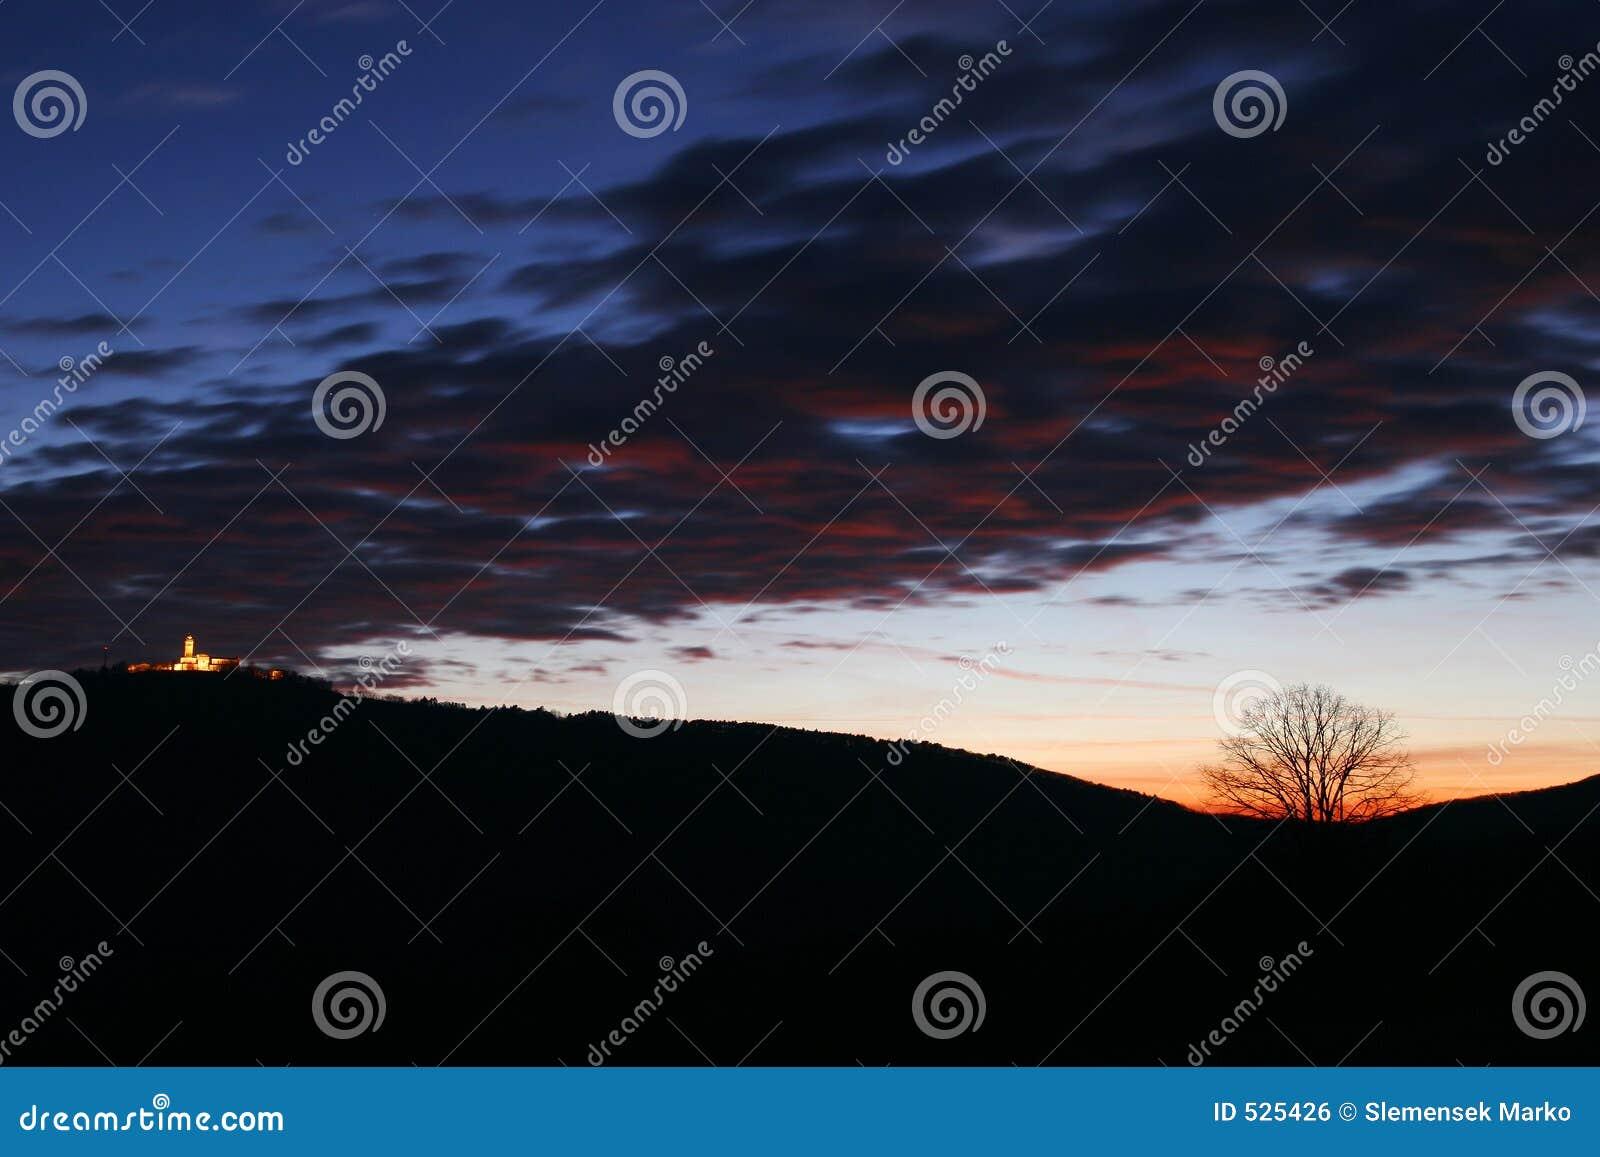 Ciemne niebo zachmurzone